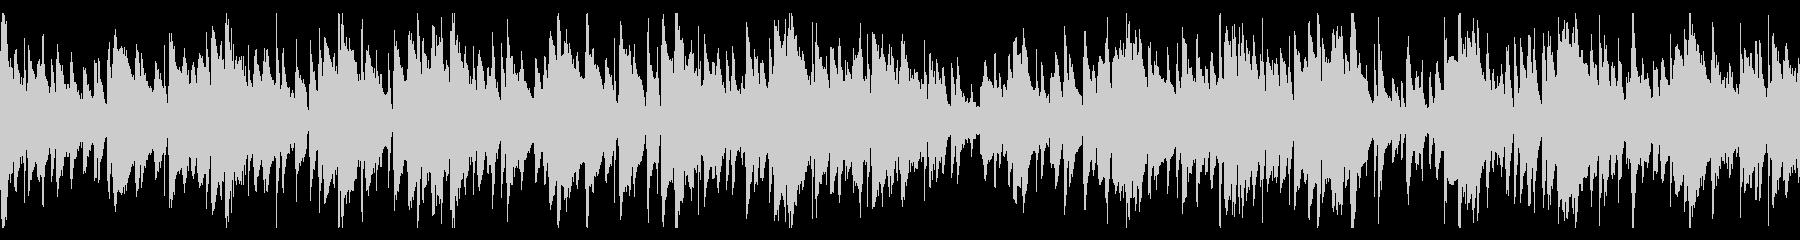 お洒落なジャズピアノトリオ18 ループの未再生の波形